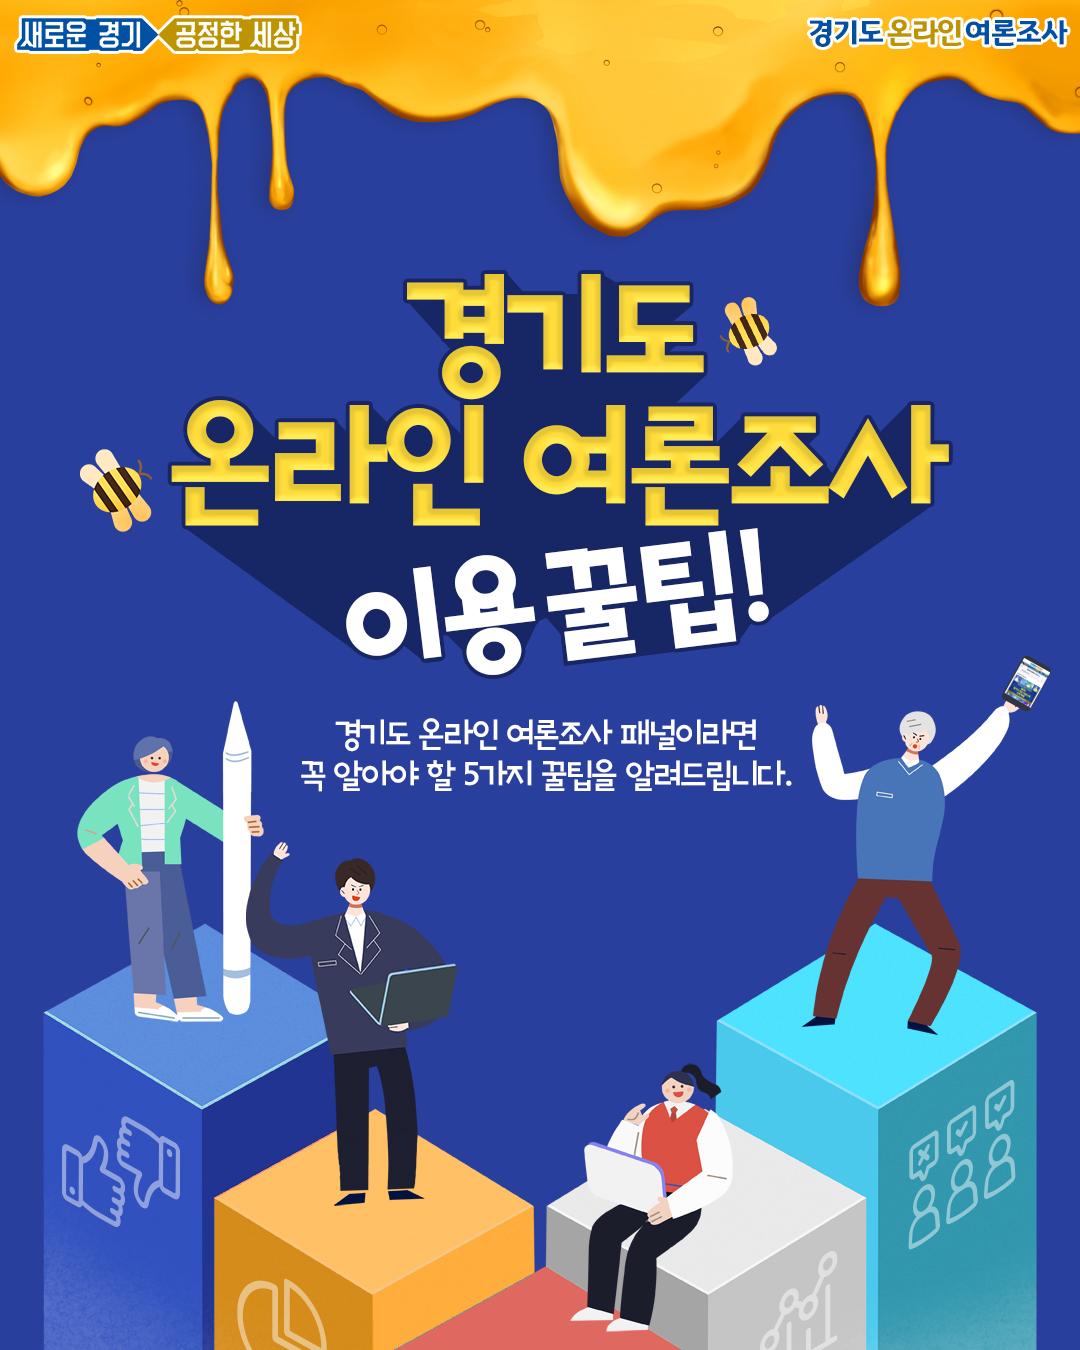 경기도 온라인 여론조사 이용 꿀팁!